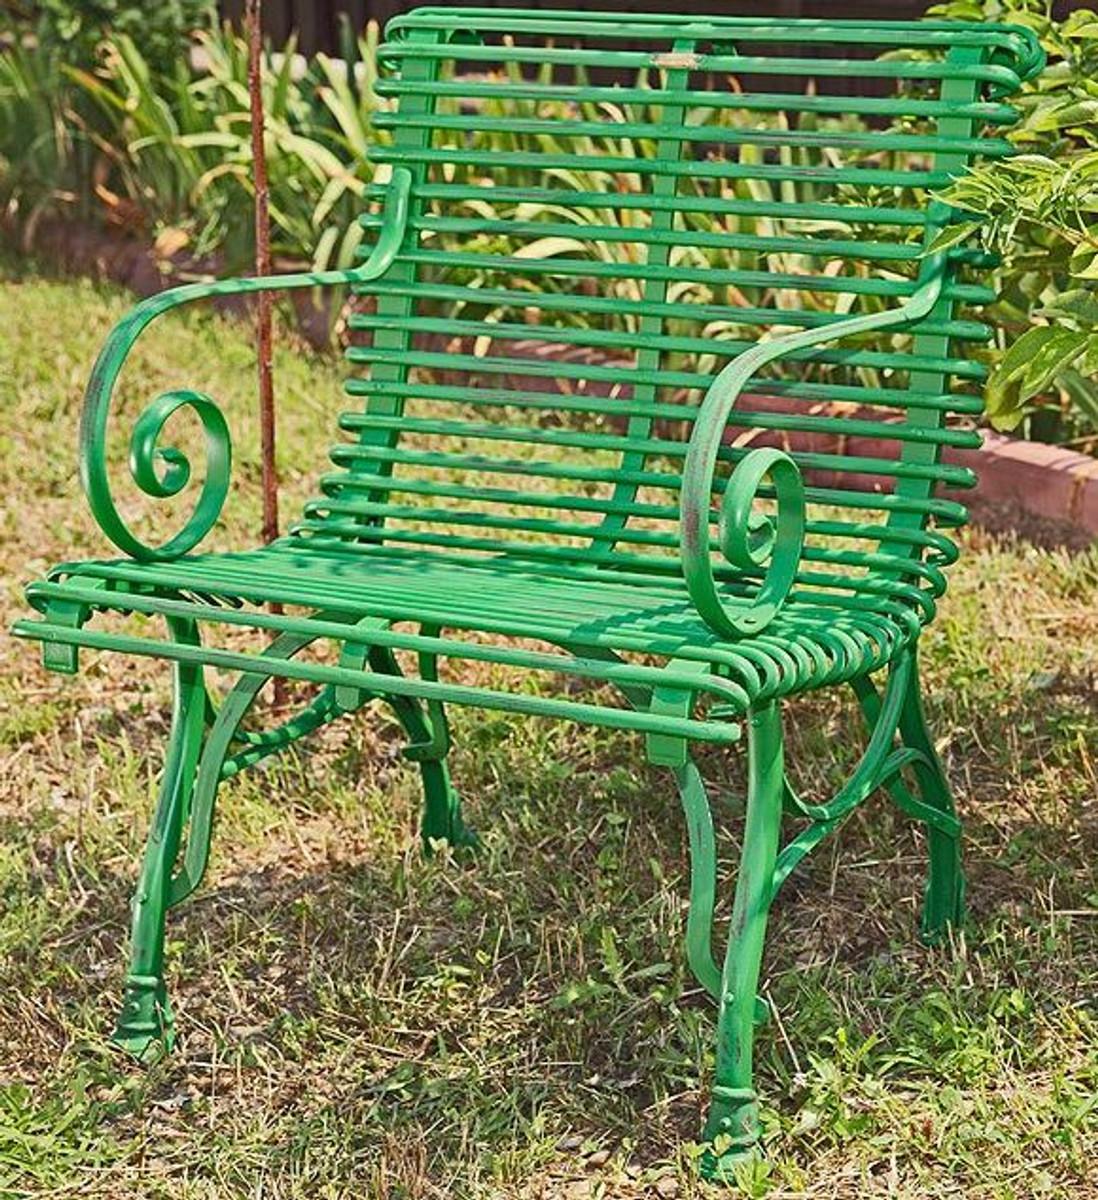 Casa Padrino Gartenstuhl aus Schmiedeeisen - verschiedene Farben - 65 cm x 60 cm - Luxus Gartenmöbel 4